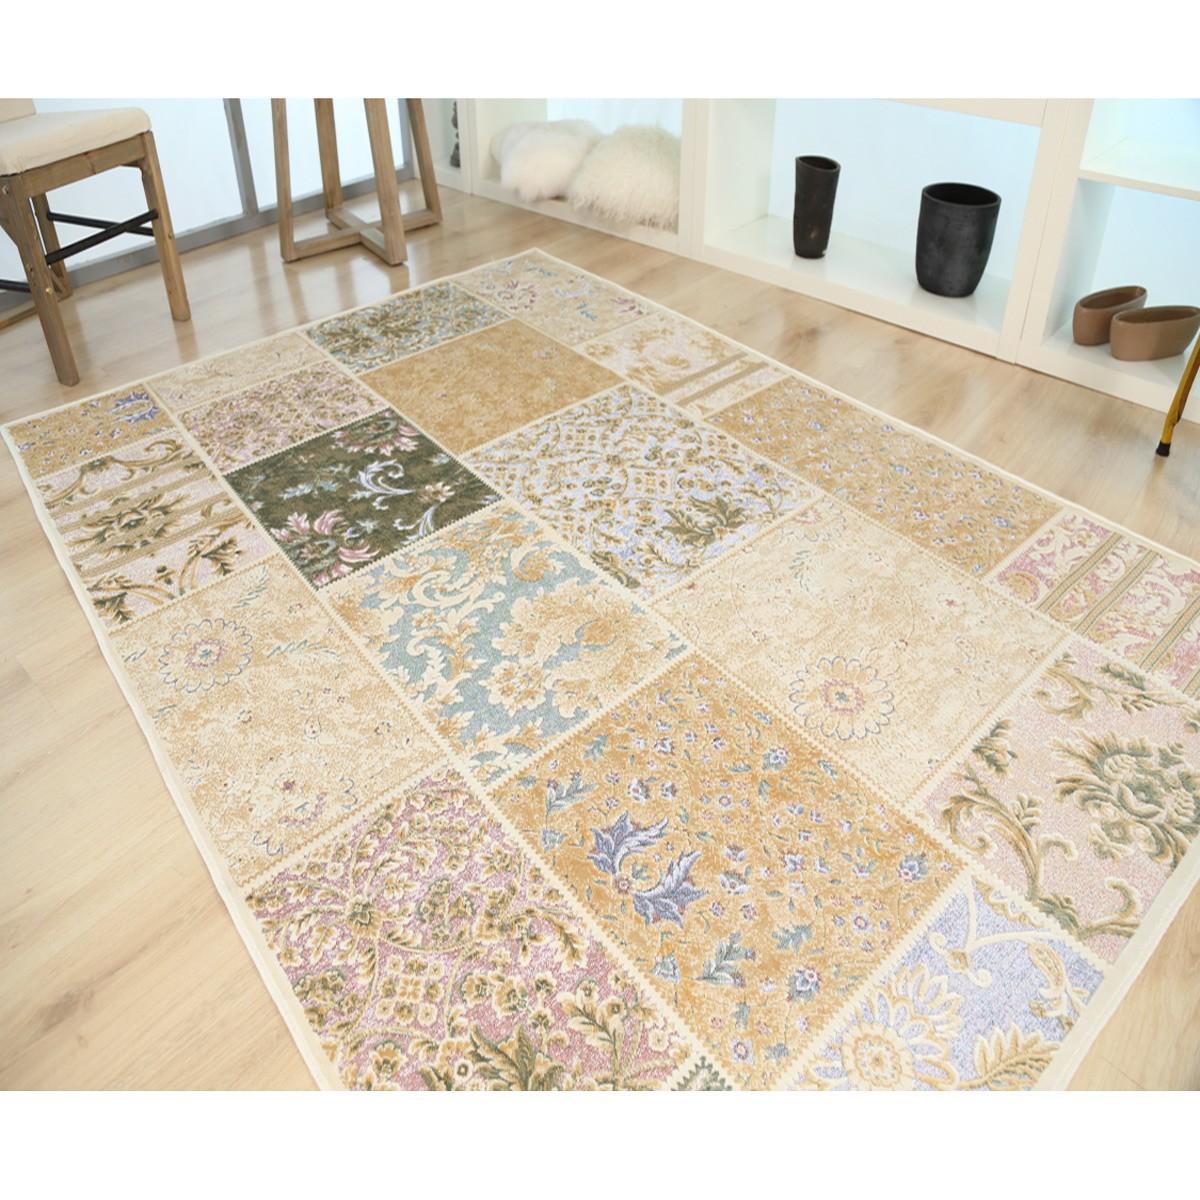 Καλοκαιρινό Χαλί (133x190) Royal Carpets Broderi G017 Ivory